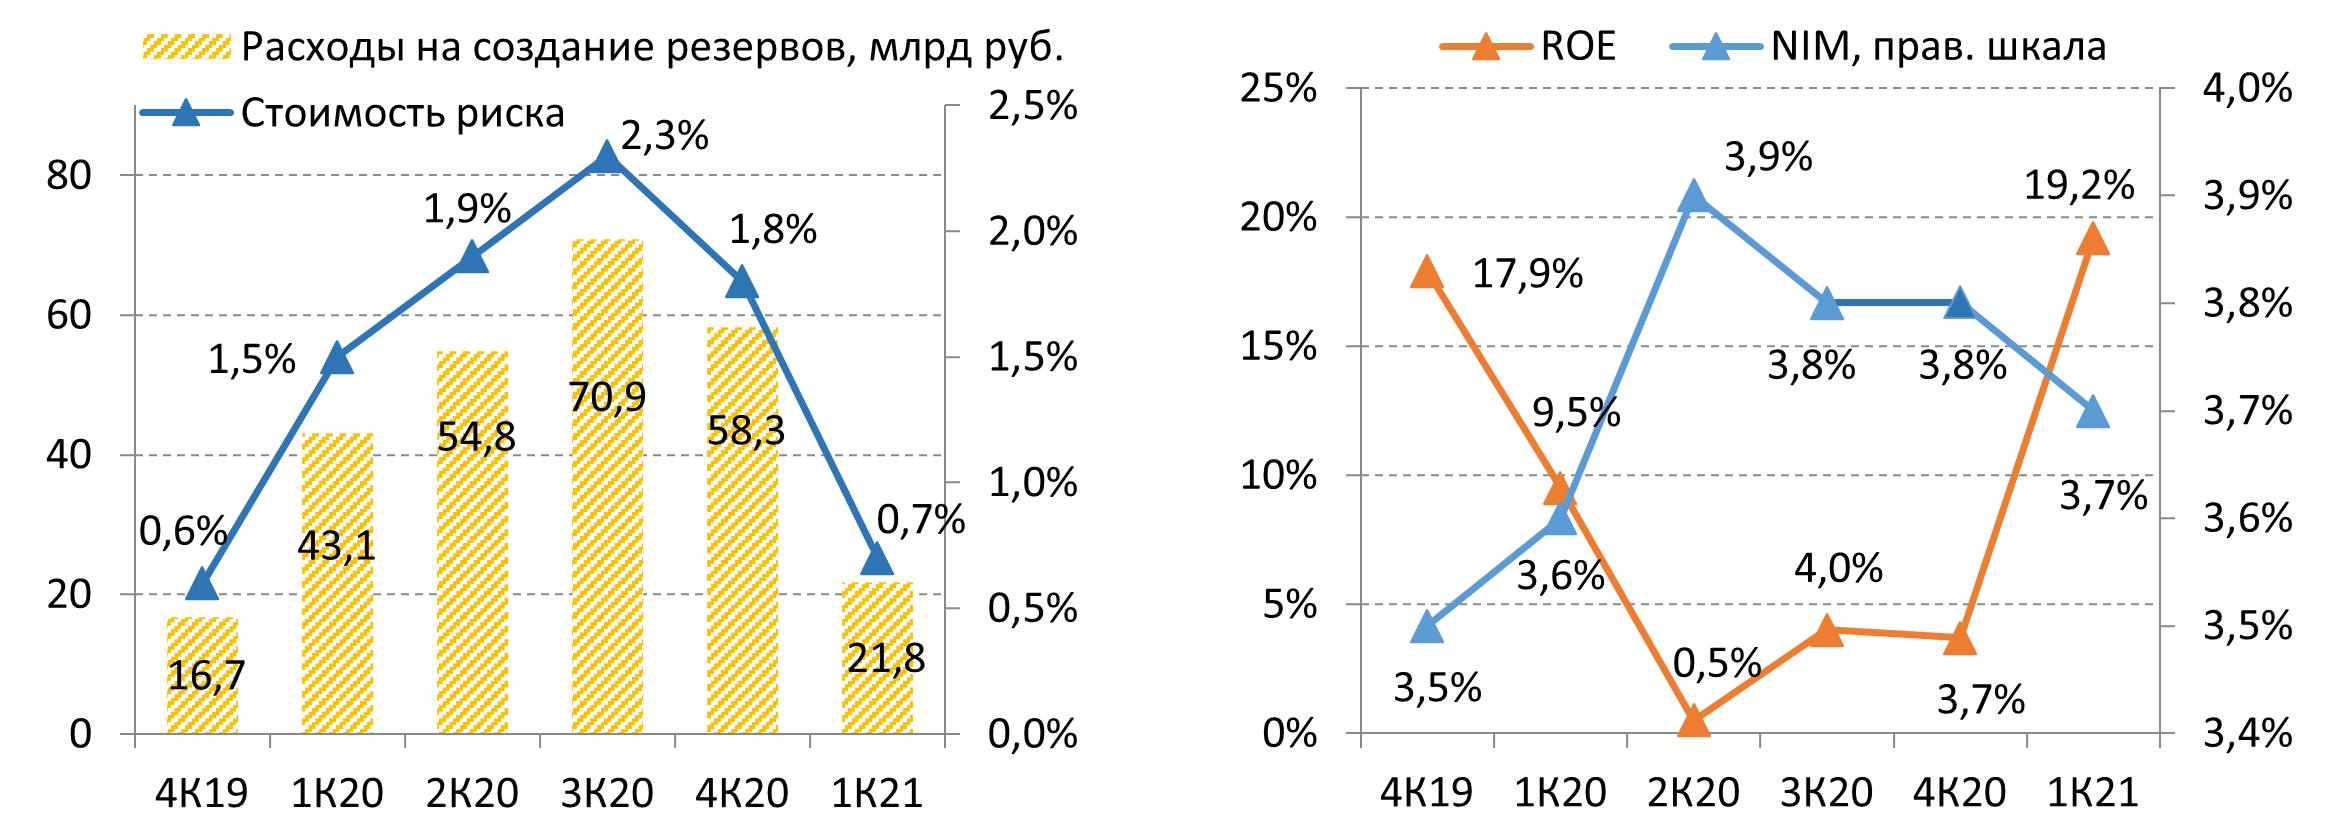 Расходы на резервирование ВТБ